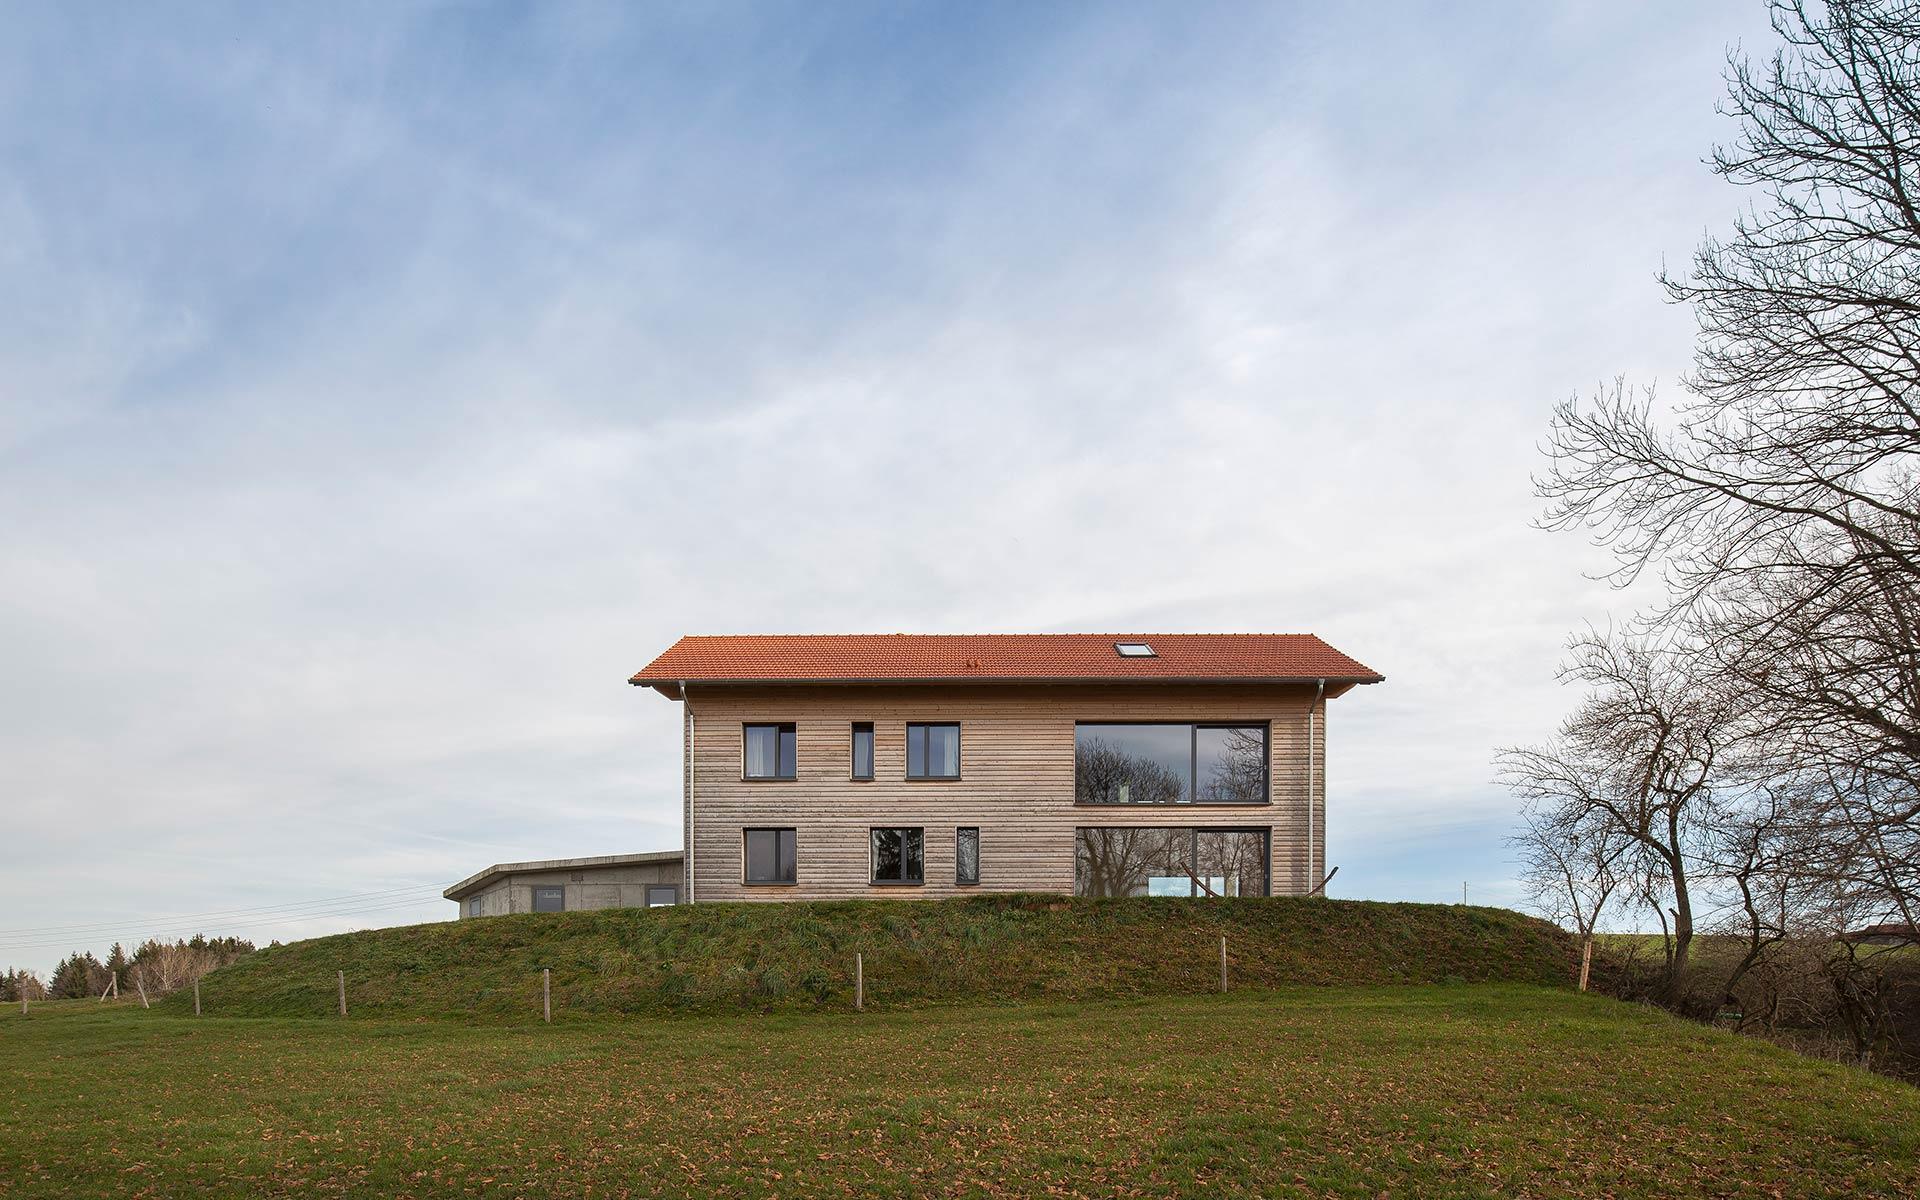 Einfamilienhaus im Vollholz-Wandsystem